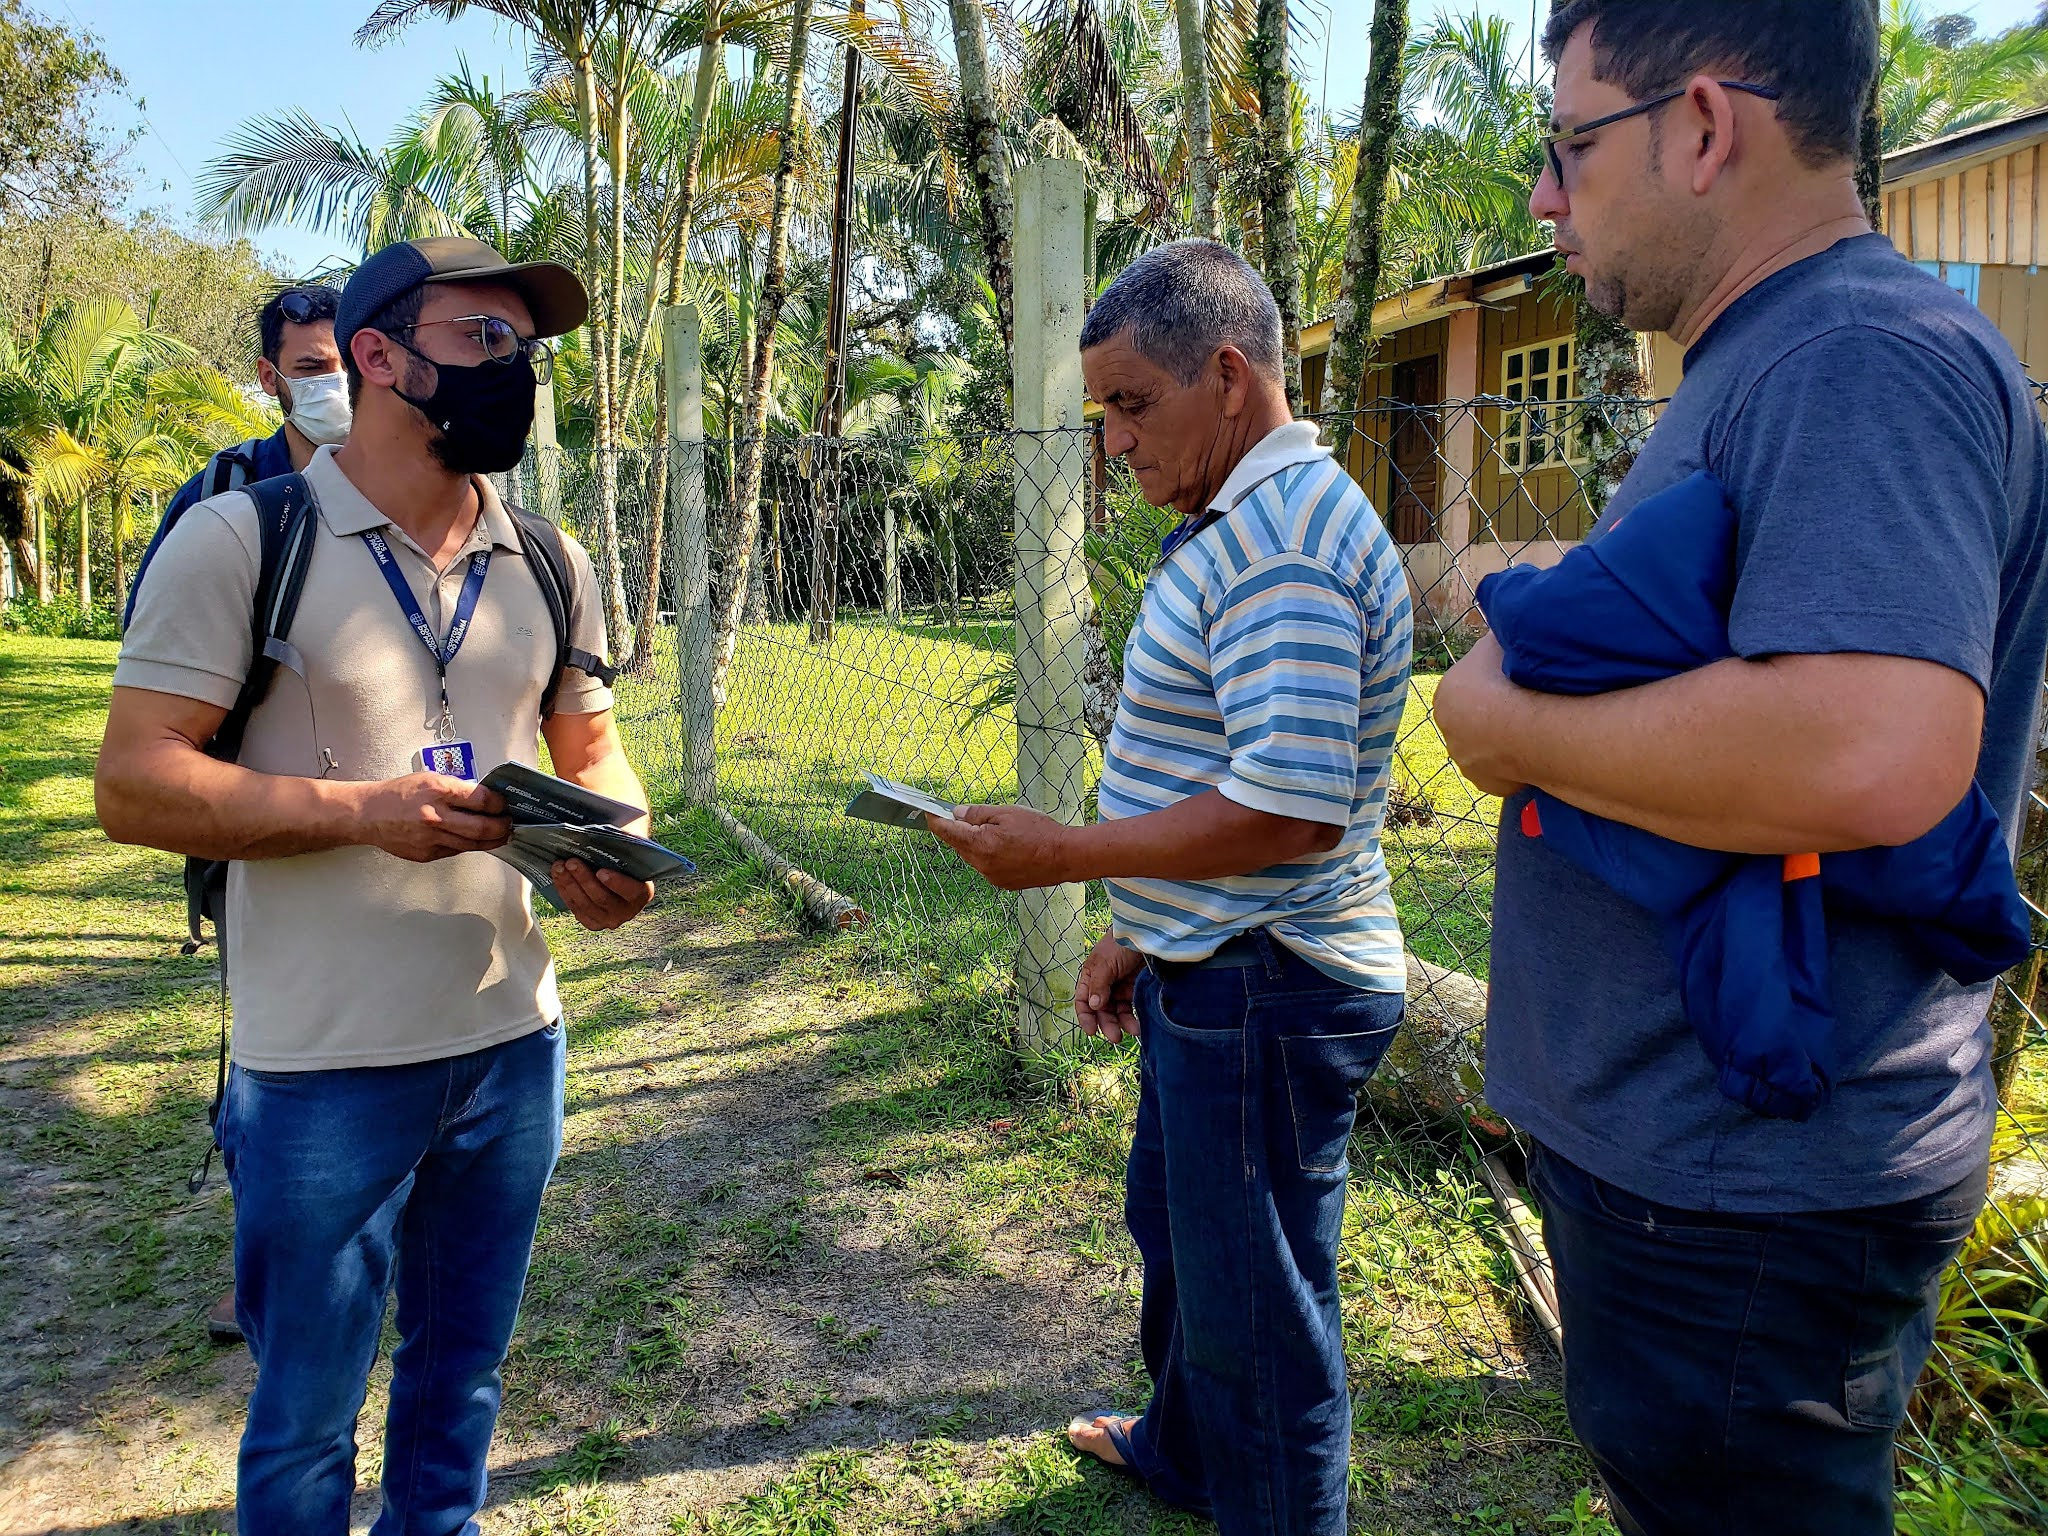 Profissionais foram às ilhas falar sobre obra de derrocamento no Porto de Paranaguá